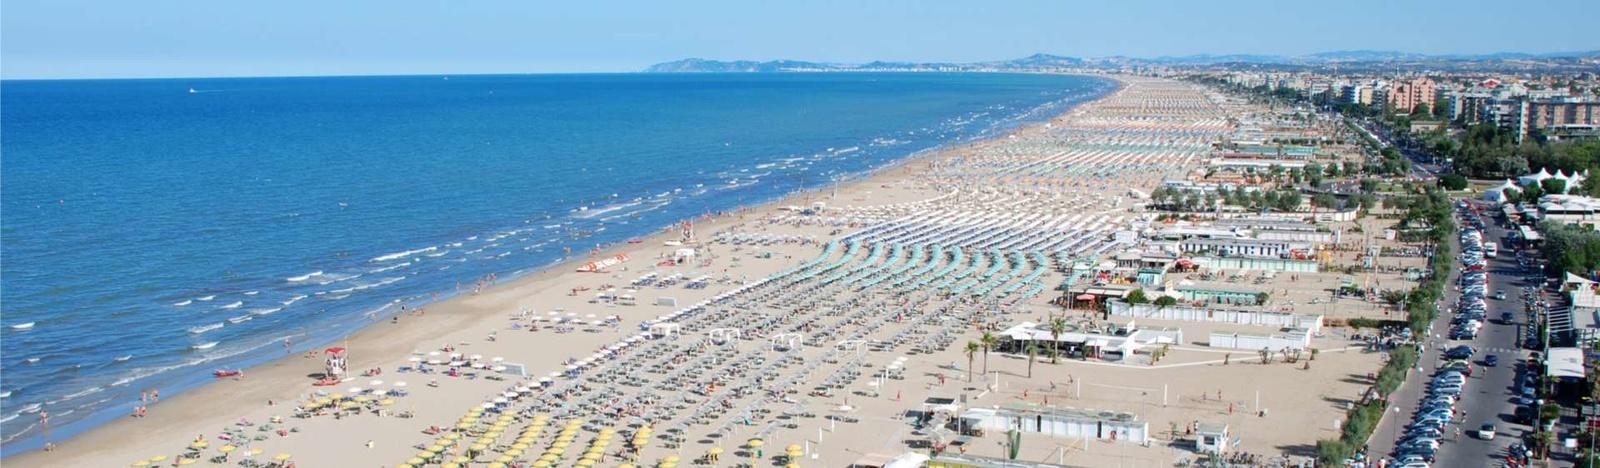 10 лучших мест в Италии для отдыха на море